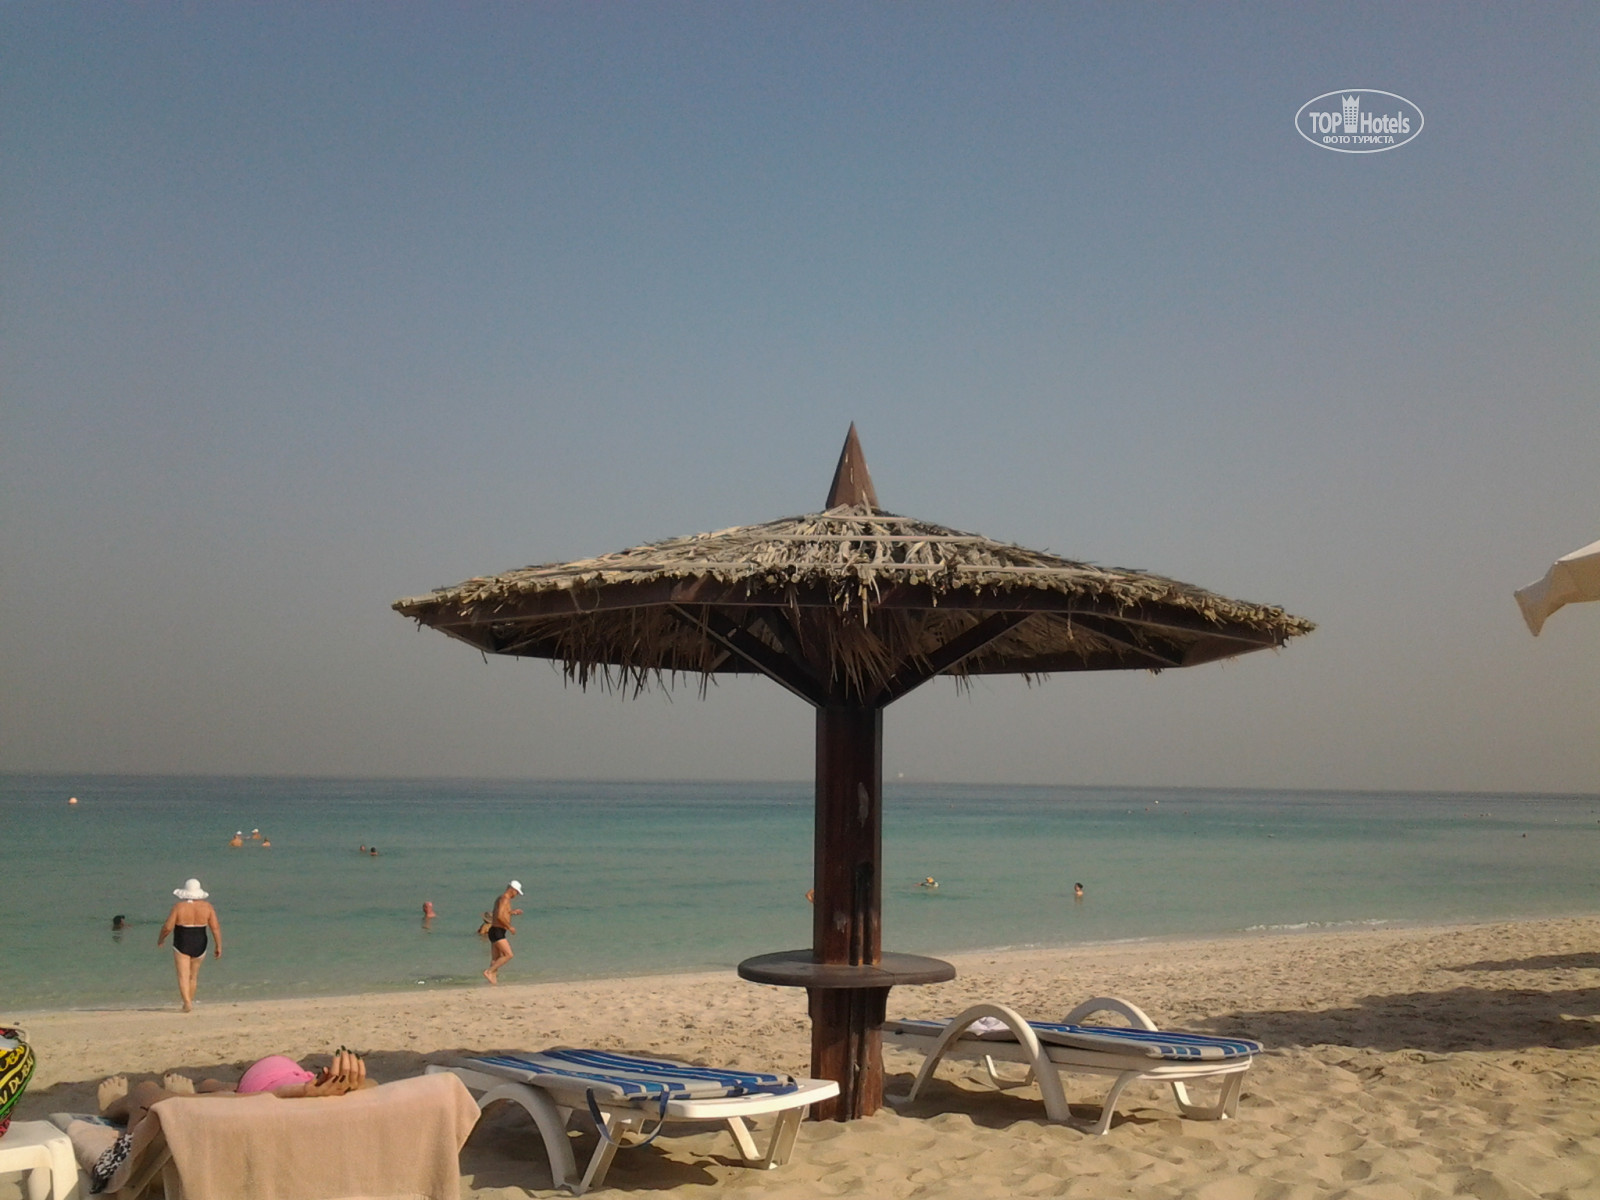 Шарджи фото туристов на пляже